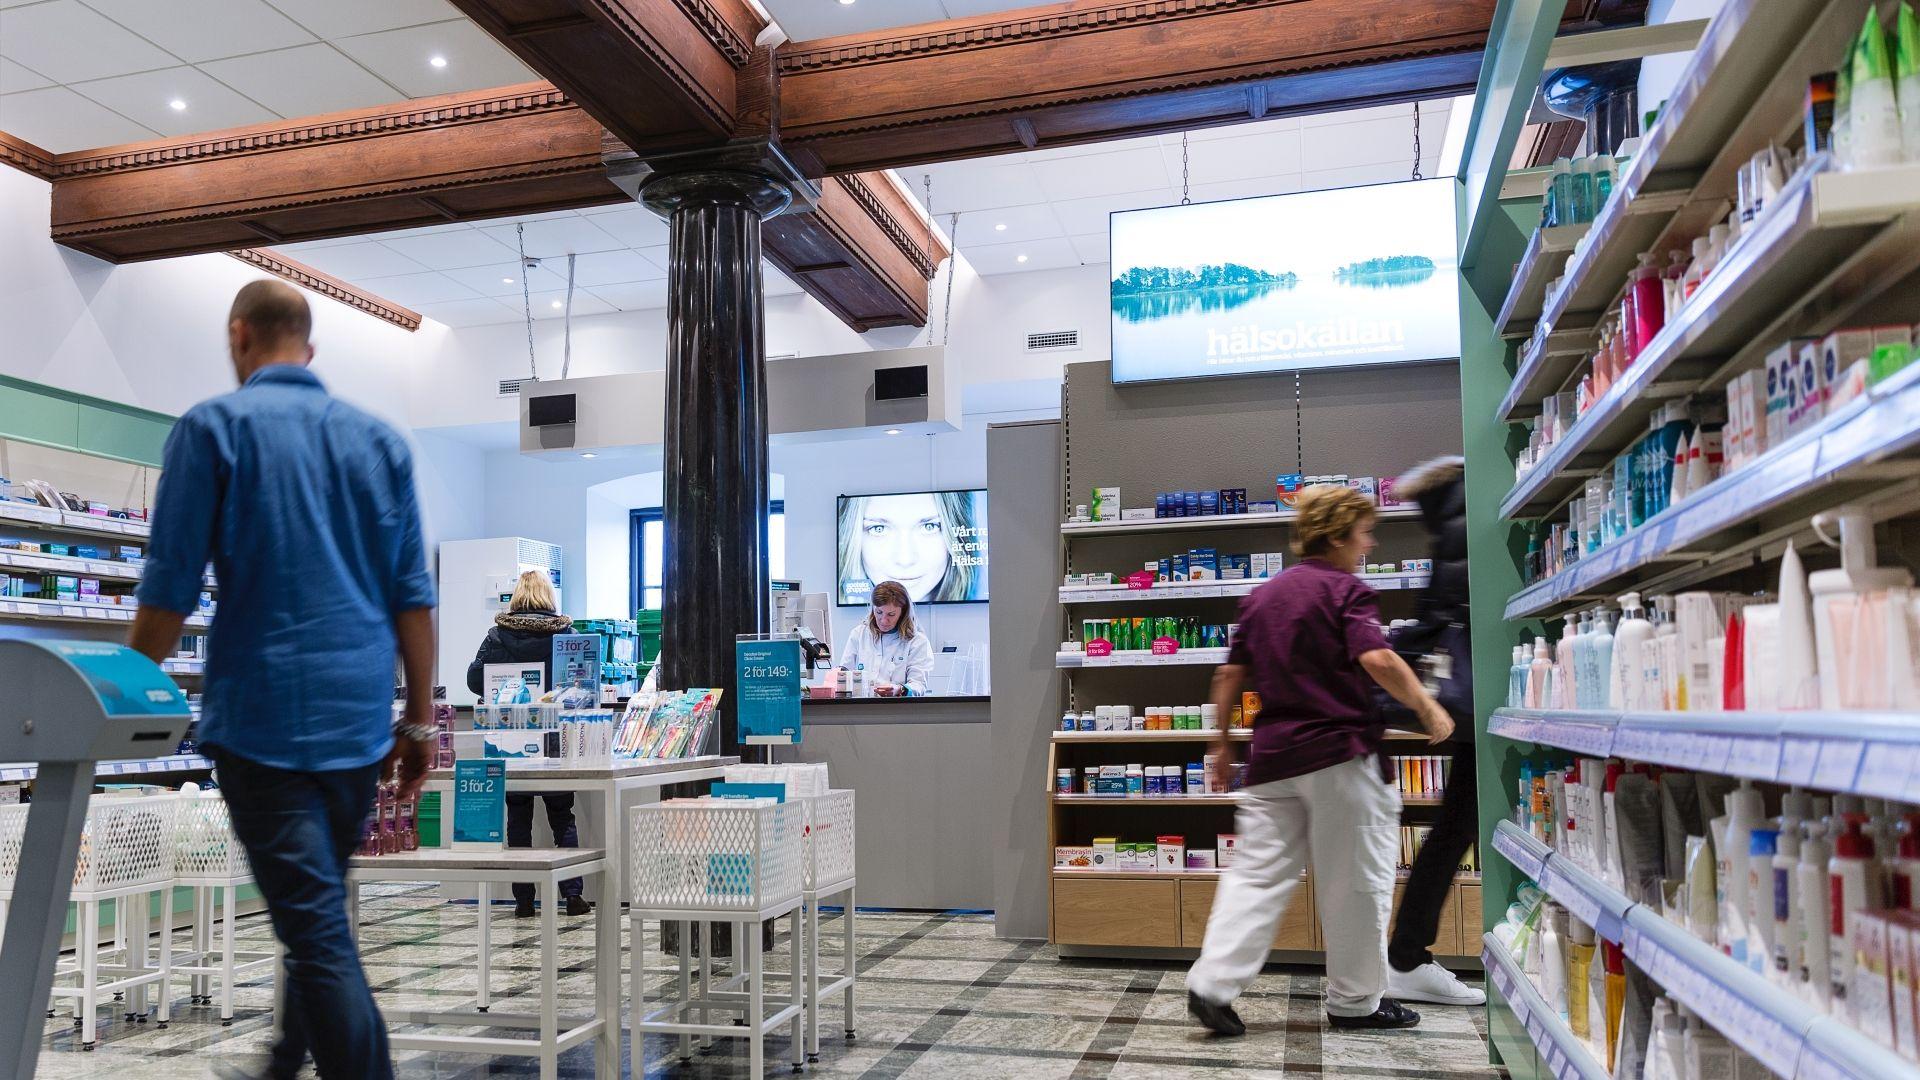 Apotek johanneberg apoteksgruppen – ett på sjukhuset carlanderska